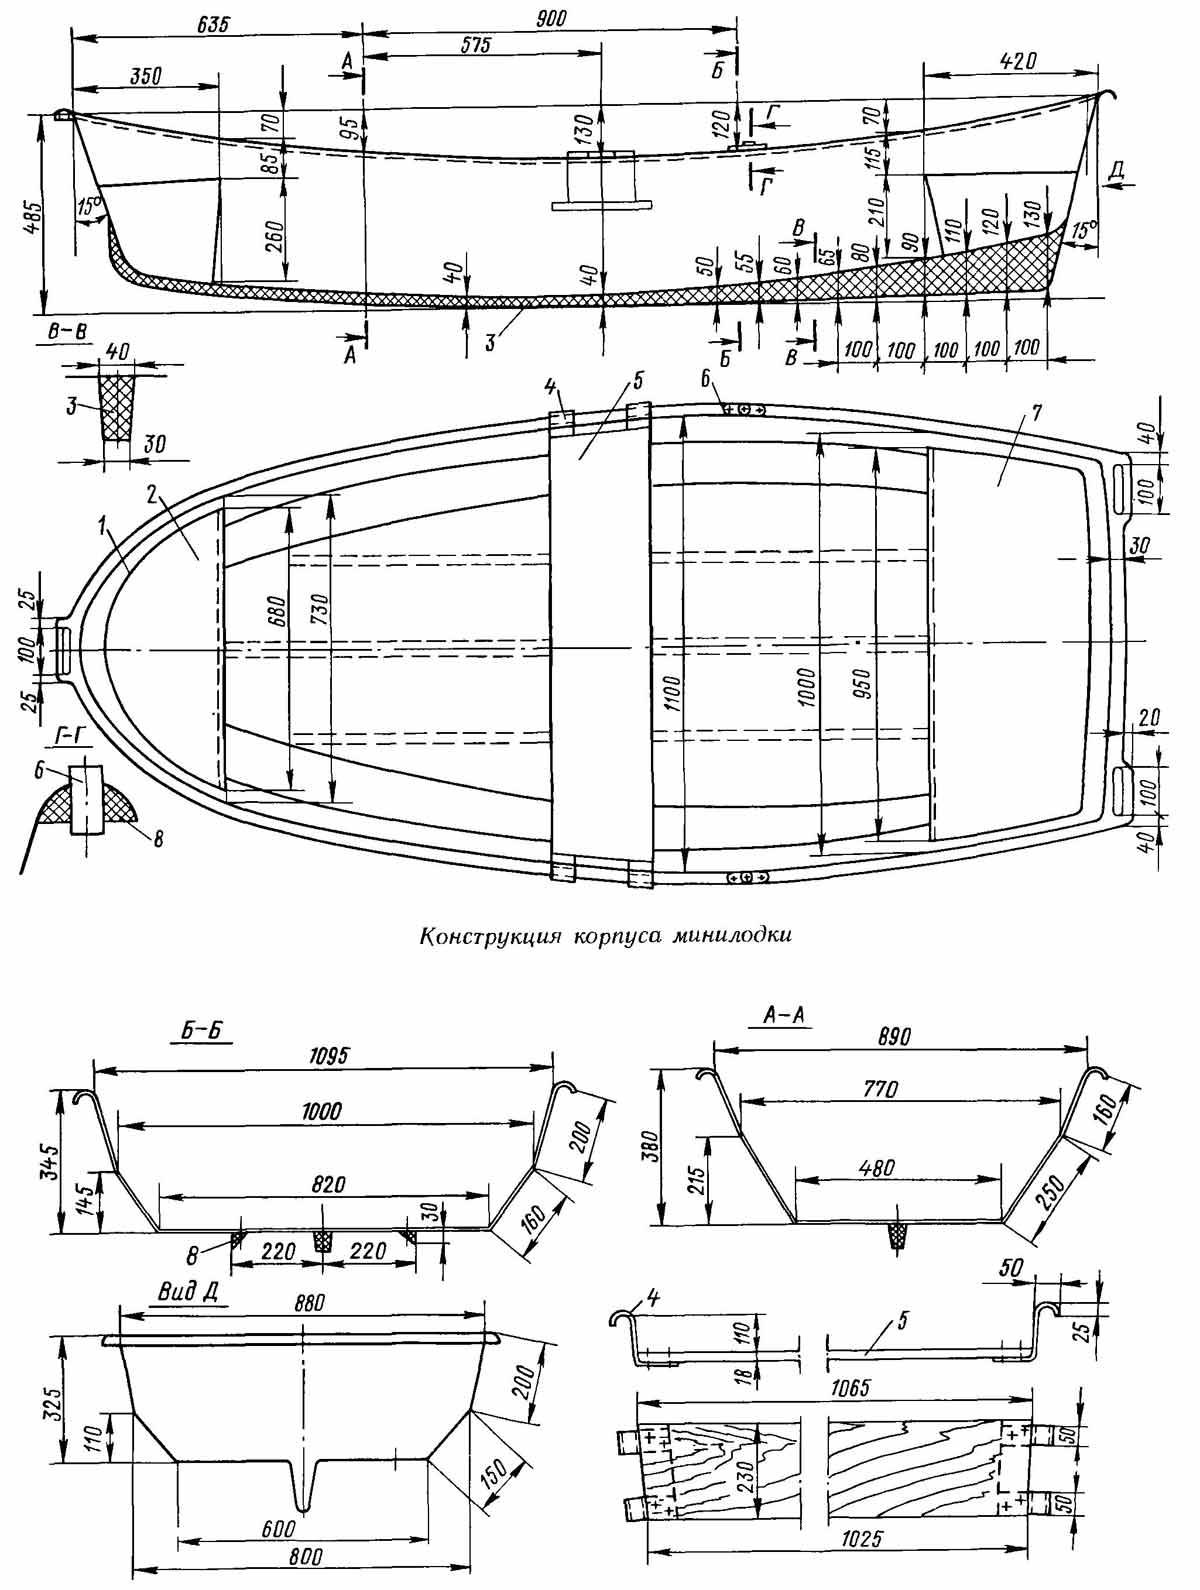 Как построить катер своими руками из стеклопластика чертежи 47